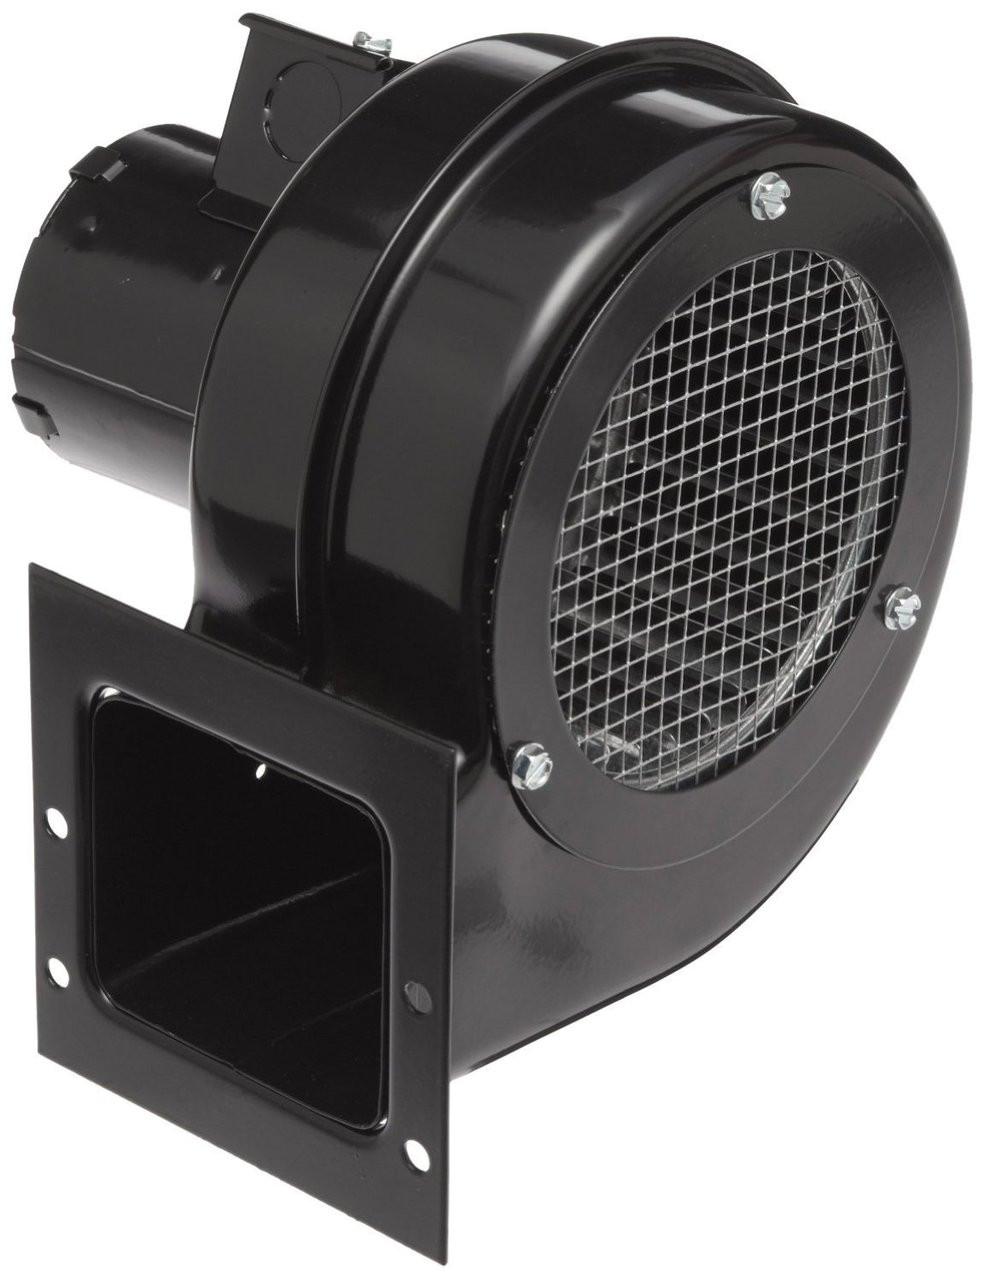 Fireplace Stove Blower Motor for Dayton 1TDN7 Fasco 50747-D401 50CFM